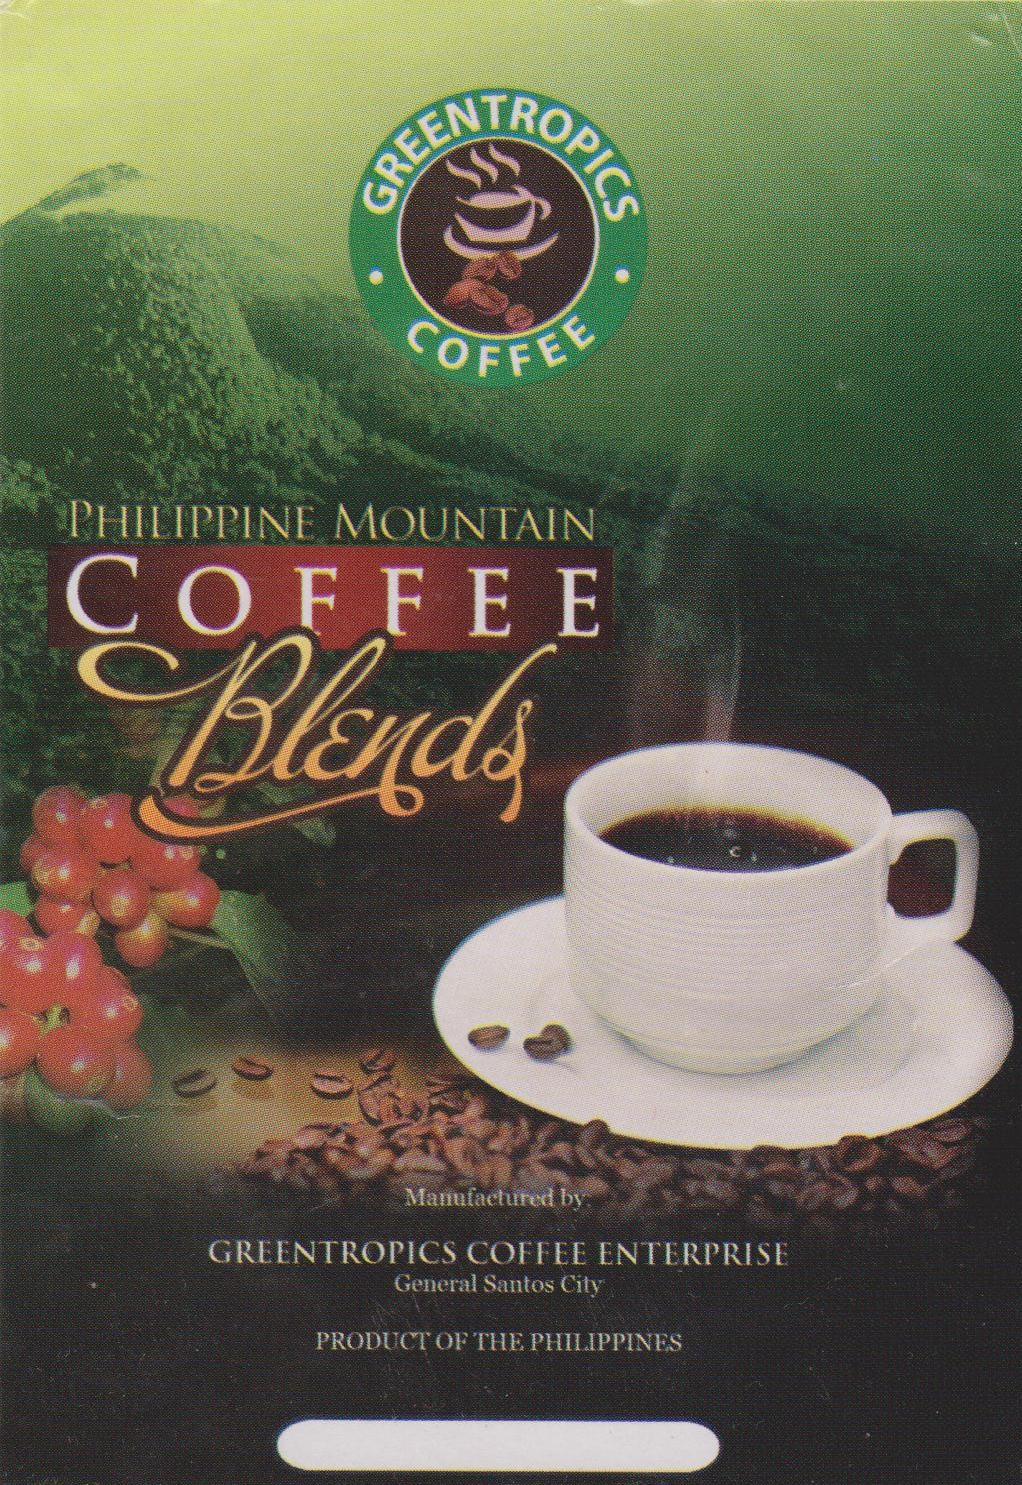 logo kafe kopi to download logo kafe kopi just right click and save ...